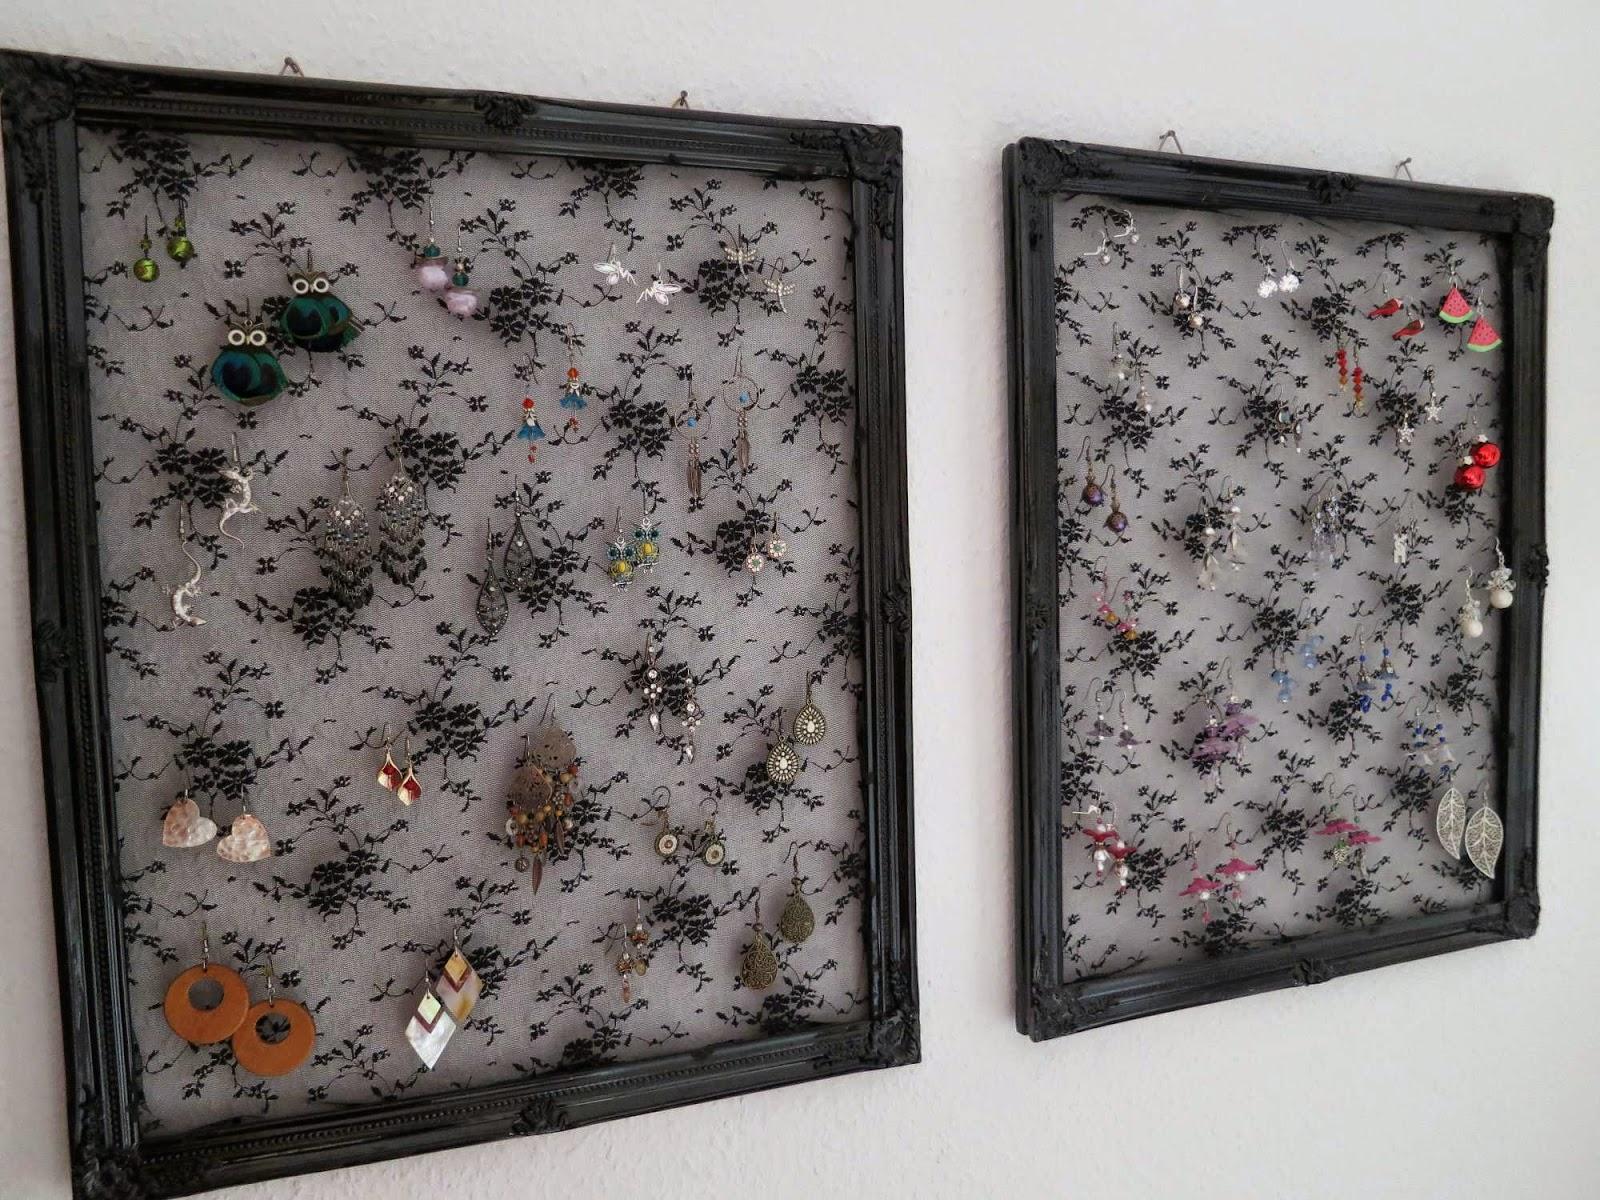 Stoff bespannen keilrahmen images for Wand mit stoff bespannen